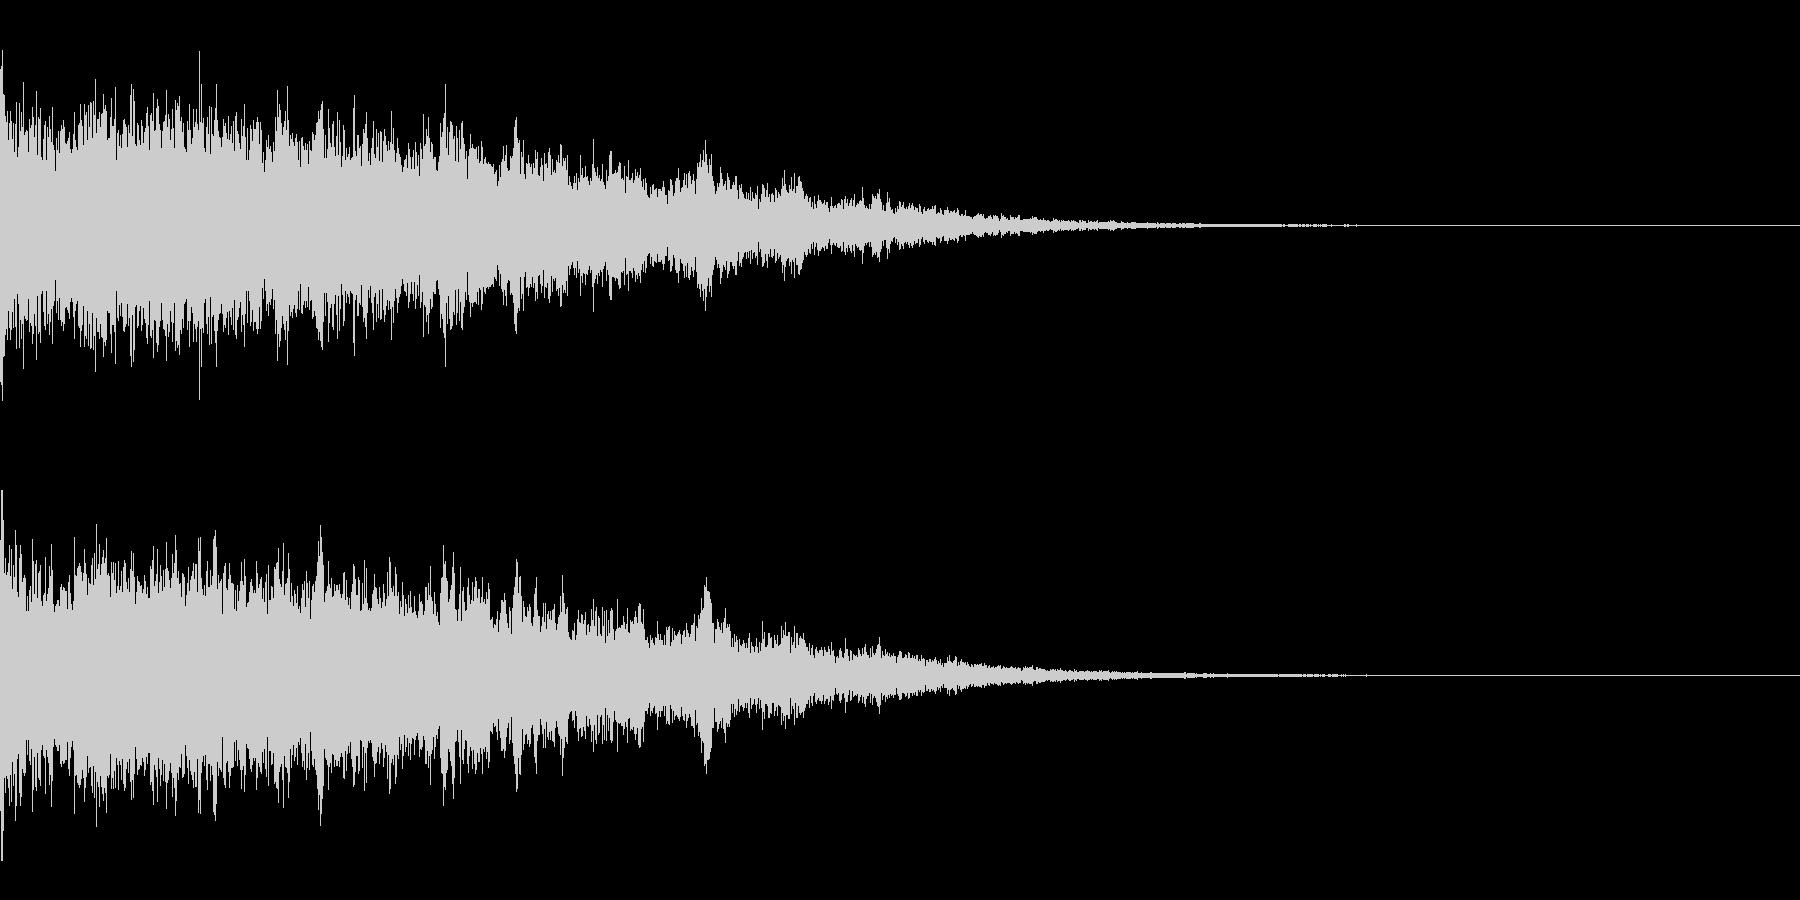 Dark_Sweepdown-16の未再生の波形